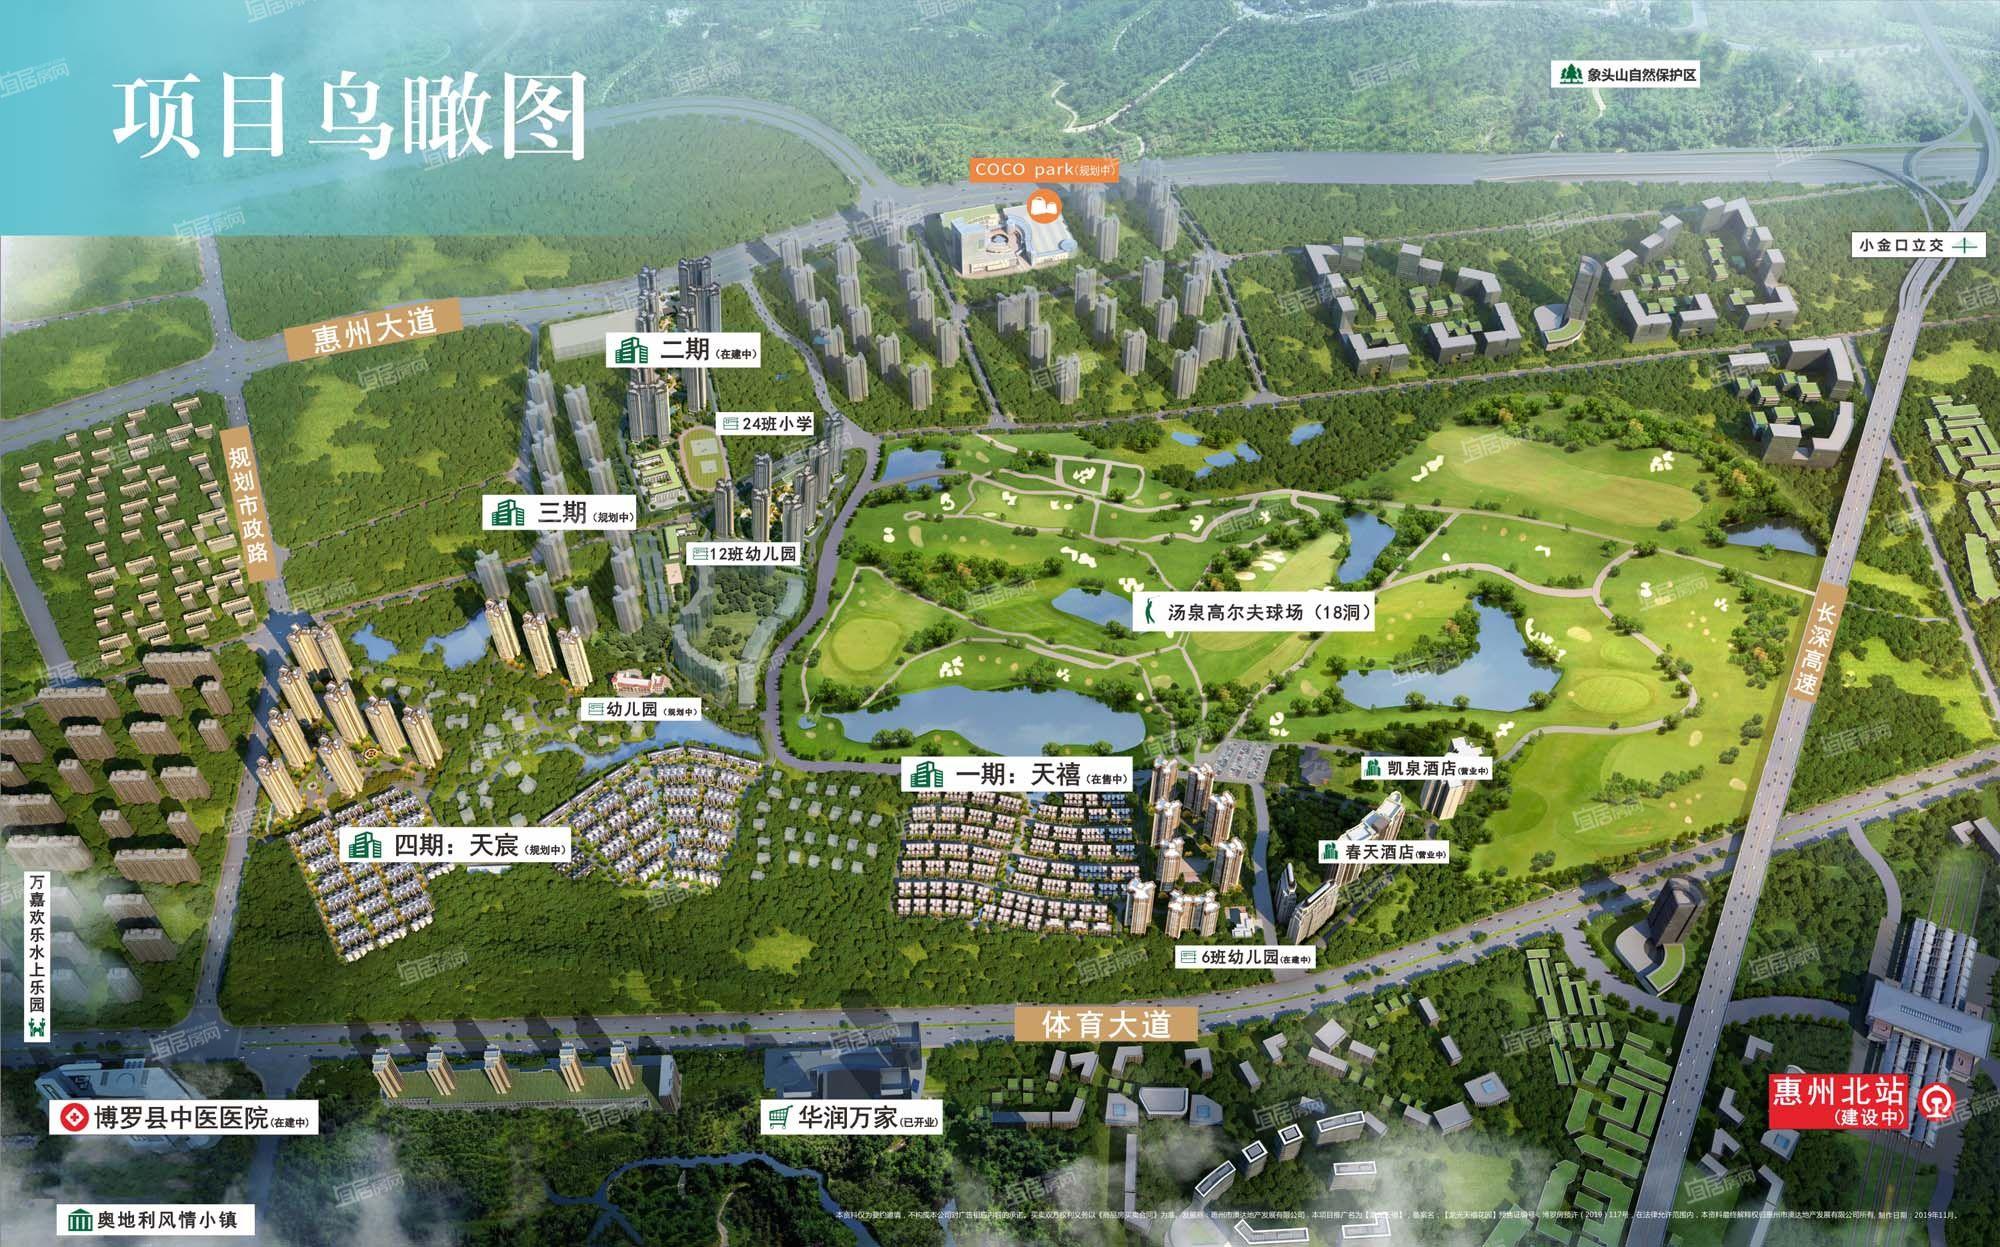 龙光玖悦城整体鸟瞰图